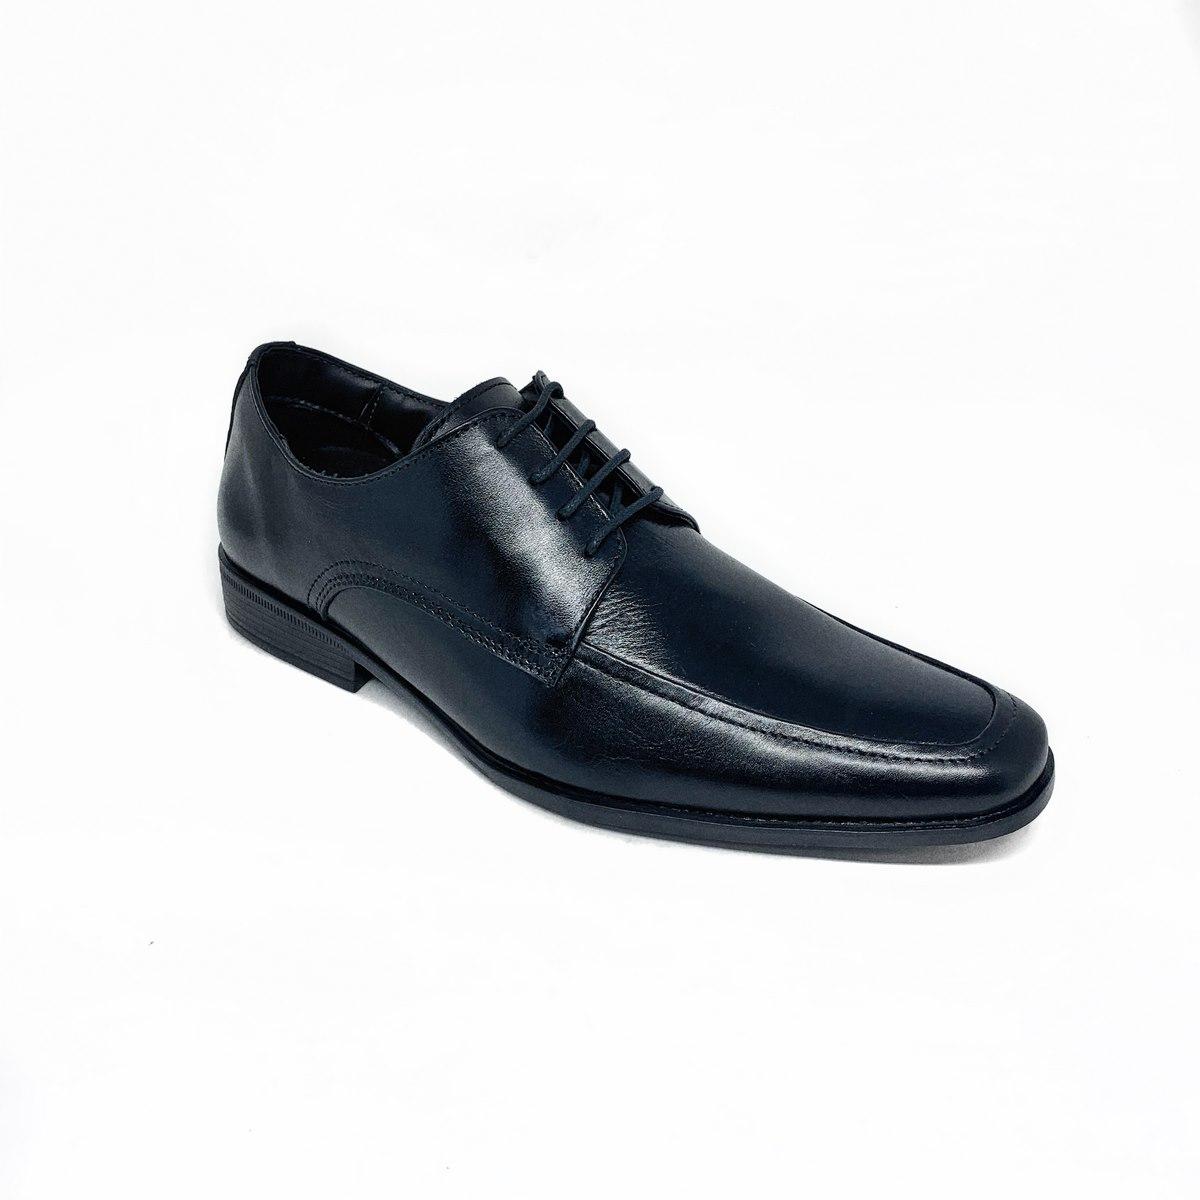 Sapato Ferracini Social Cadarço - Preto